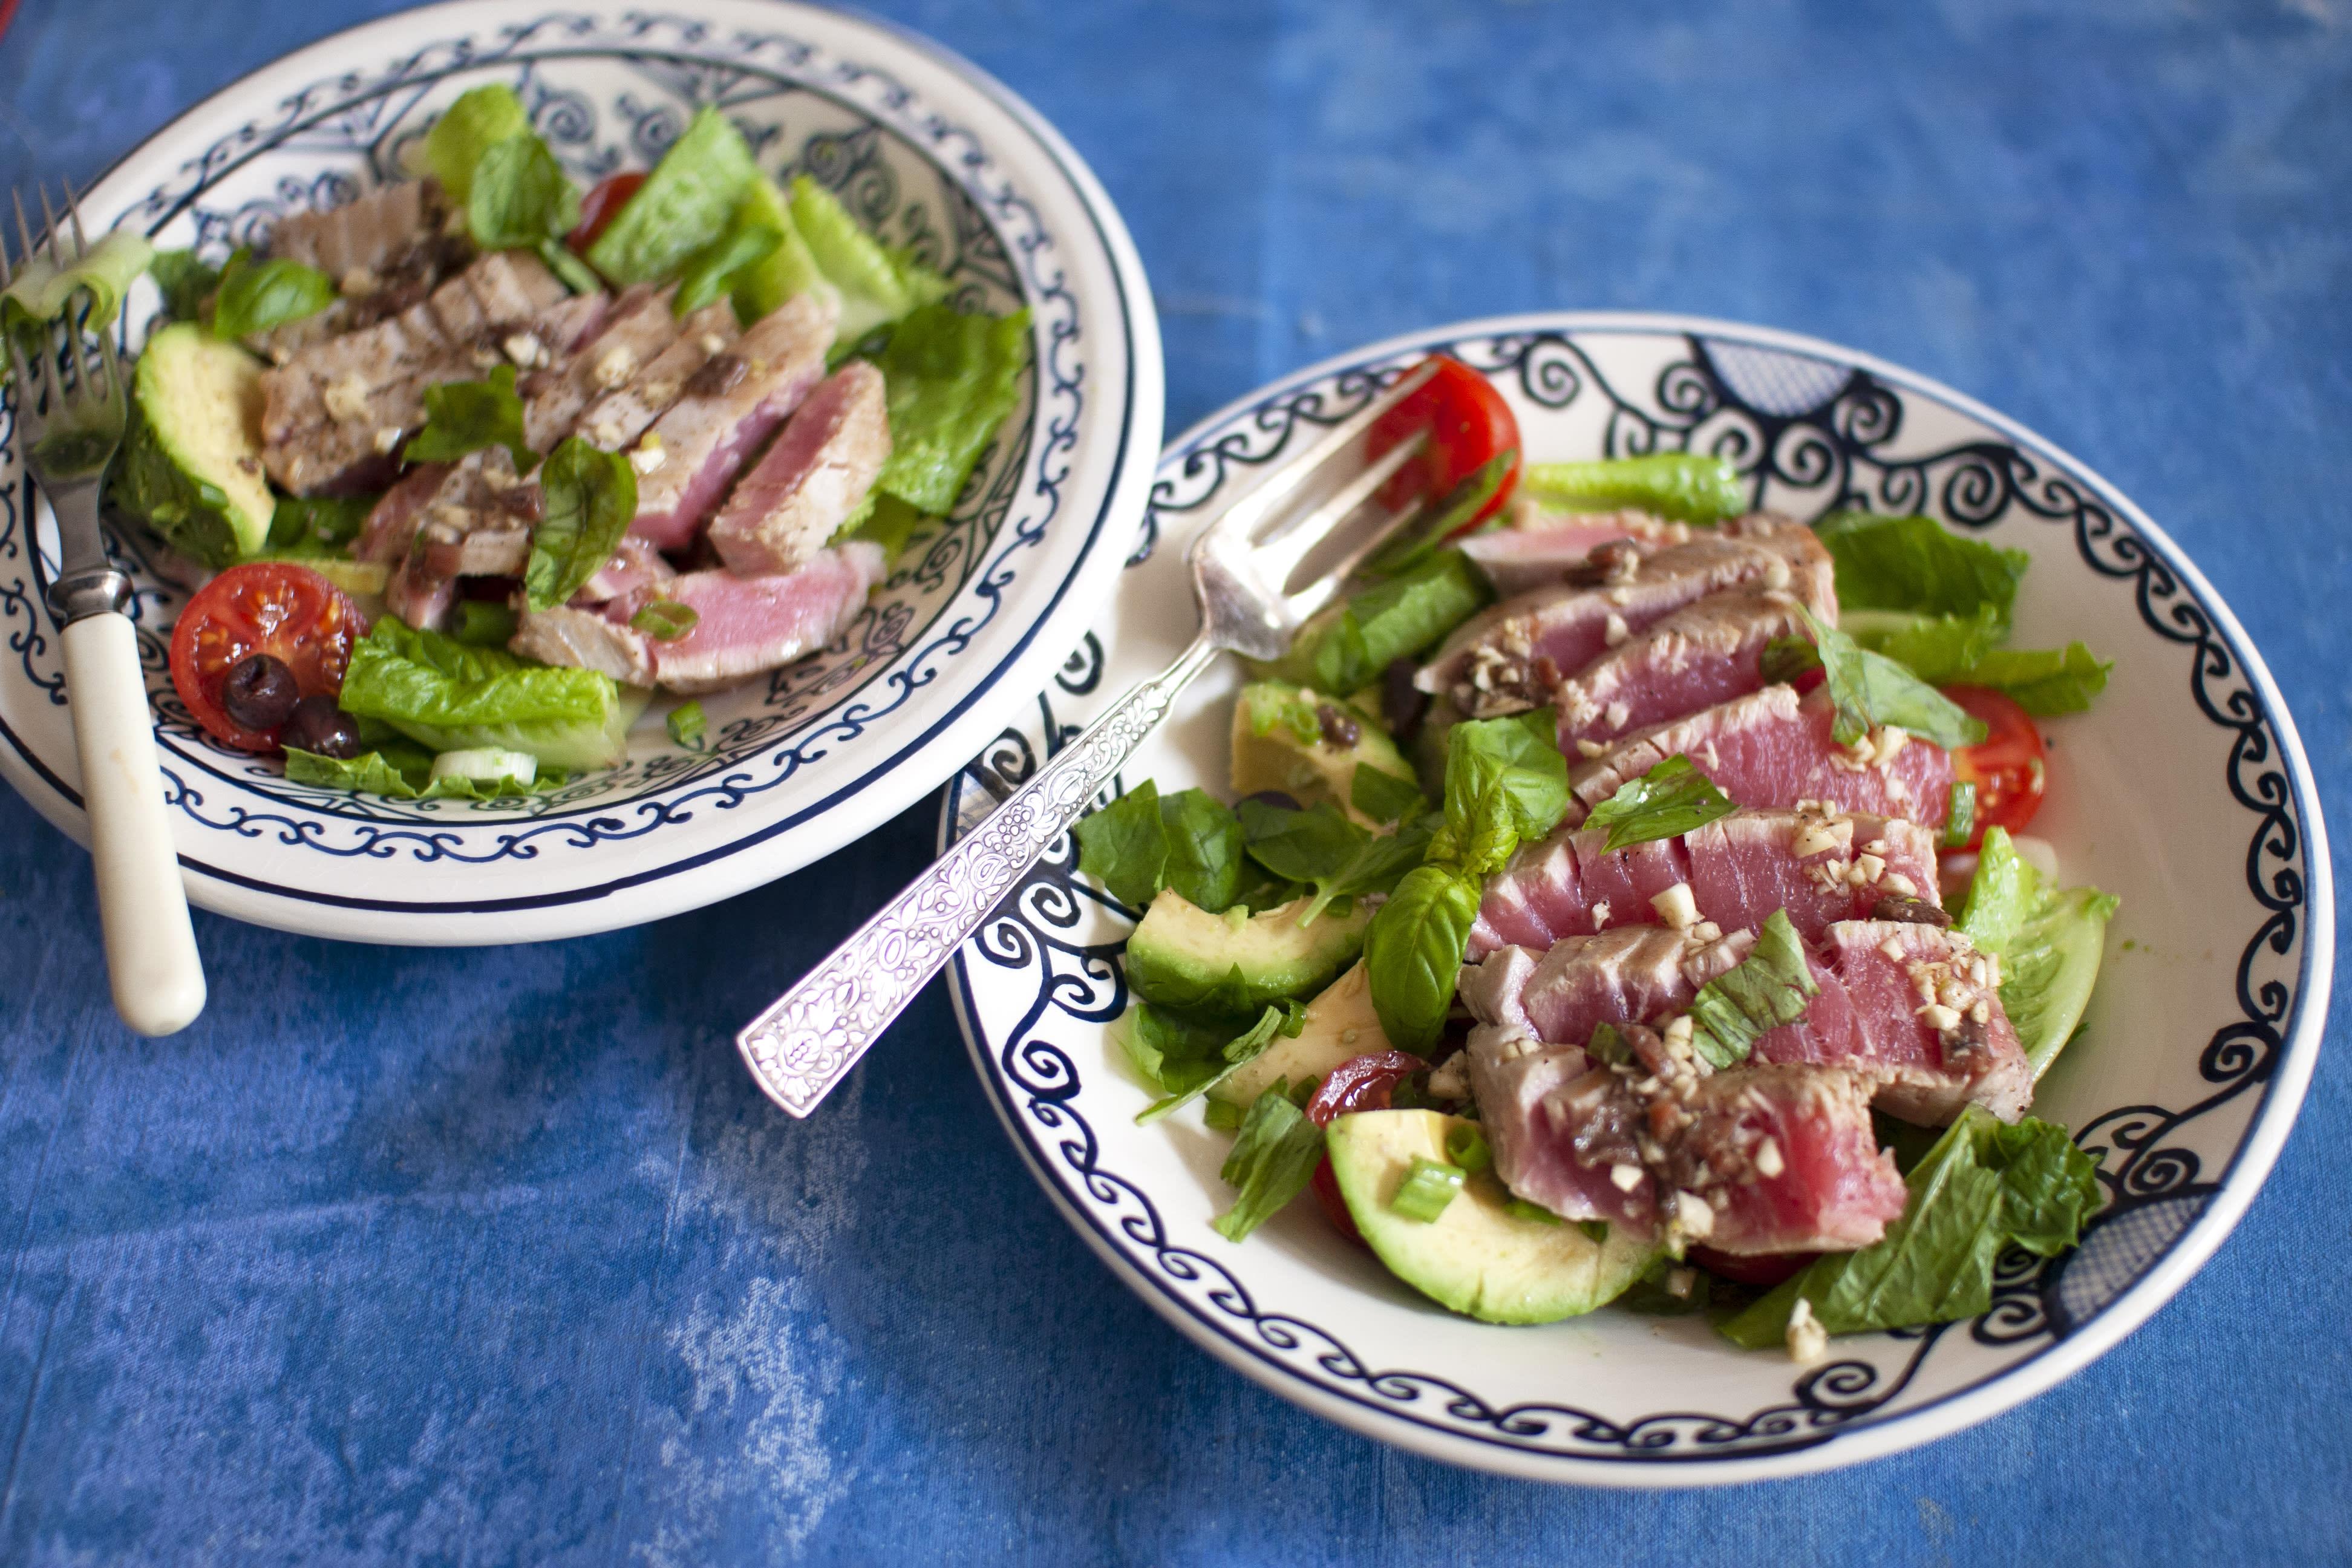 Seared Tuna with Olive and Tomato Salad